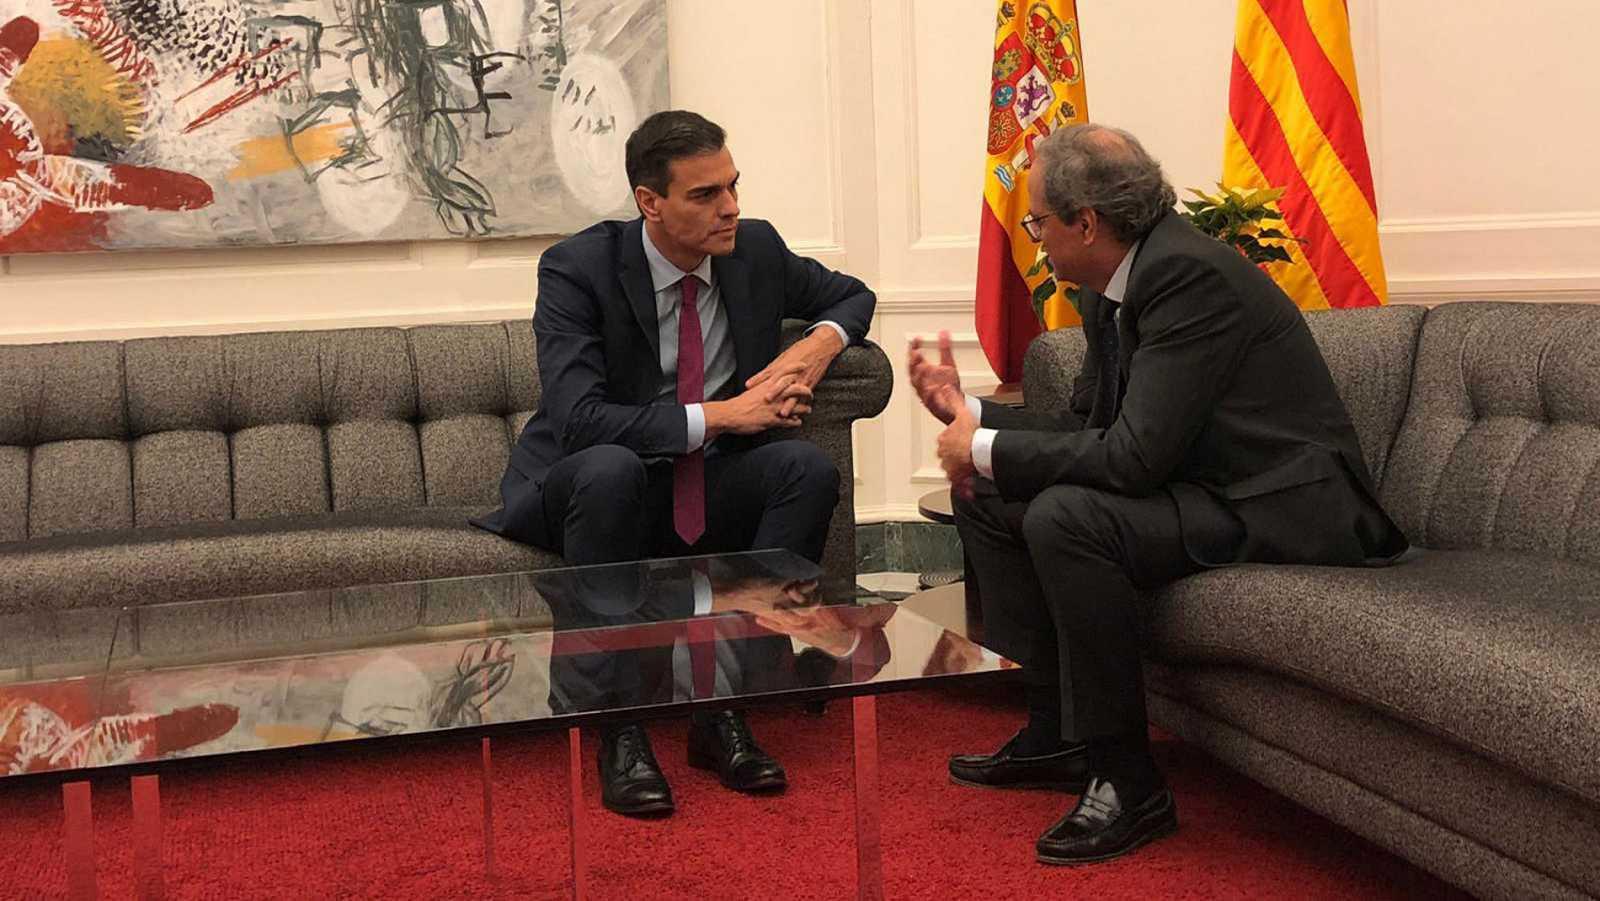 El presidente del Gobierno, Pedro Sánchez, charla con el presidente de la Generalitat, Quim Torra, en una imagen de archivo.